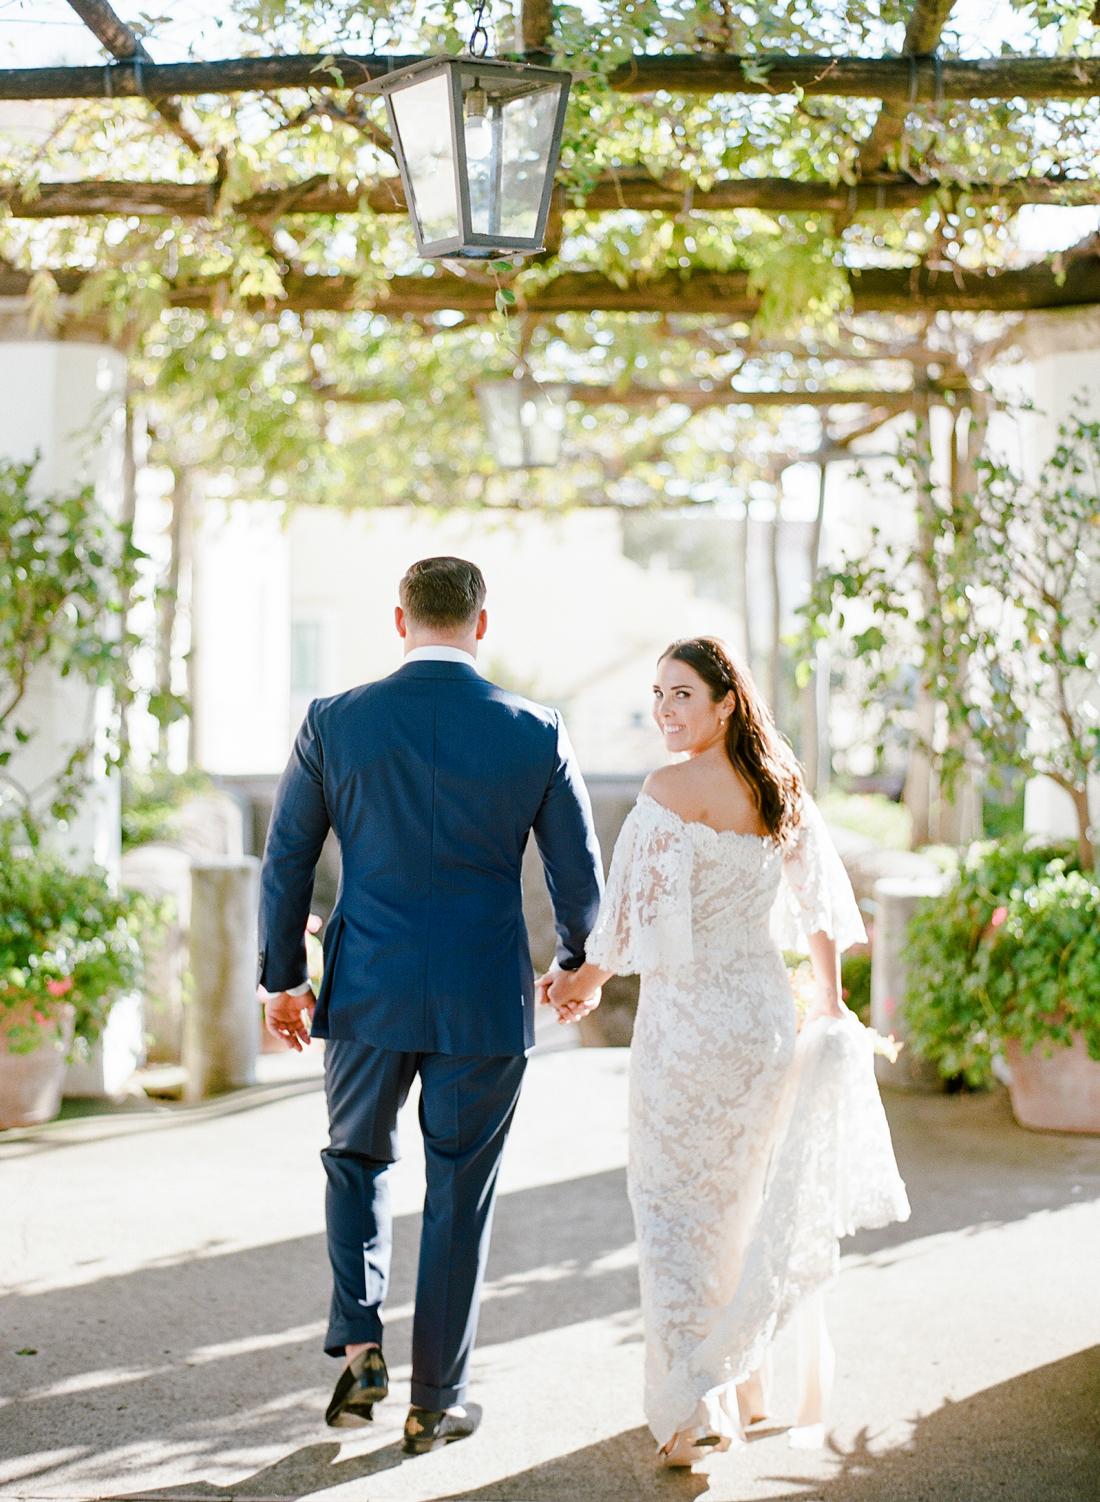 bride and groom walk away in garden terrace area